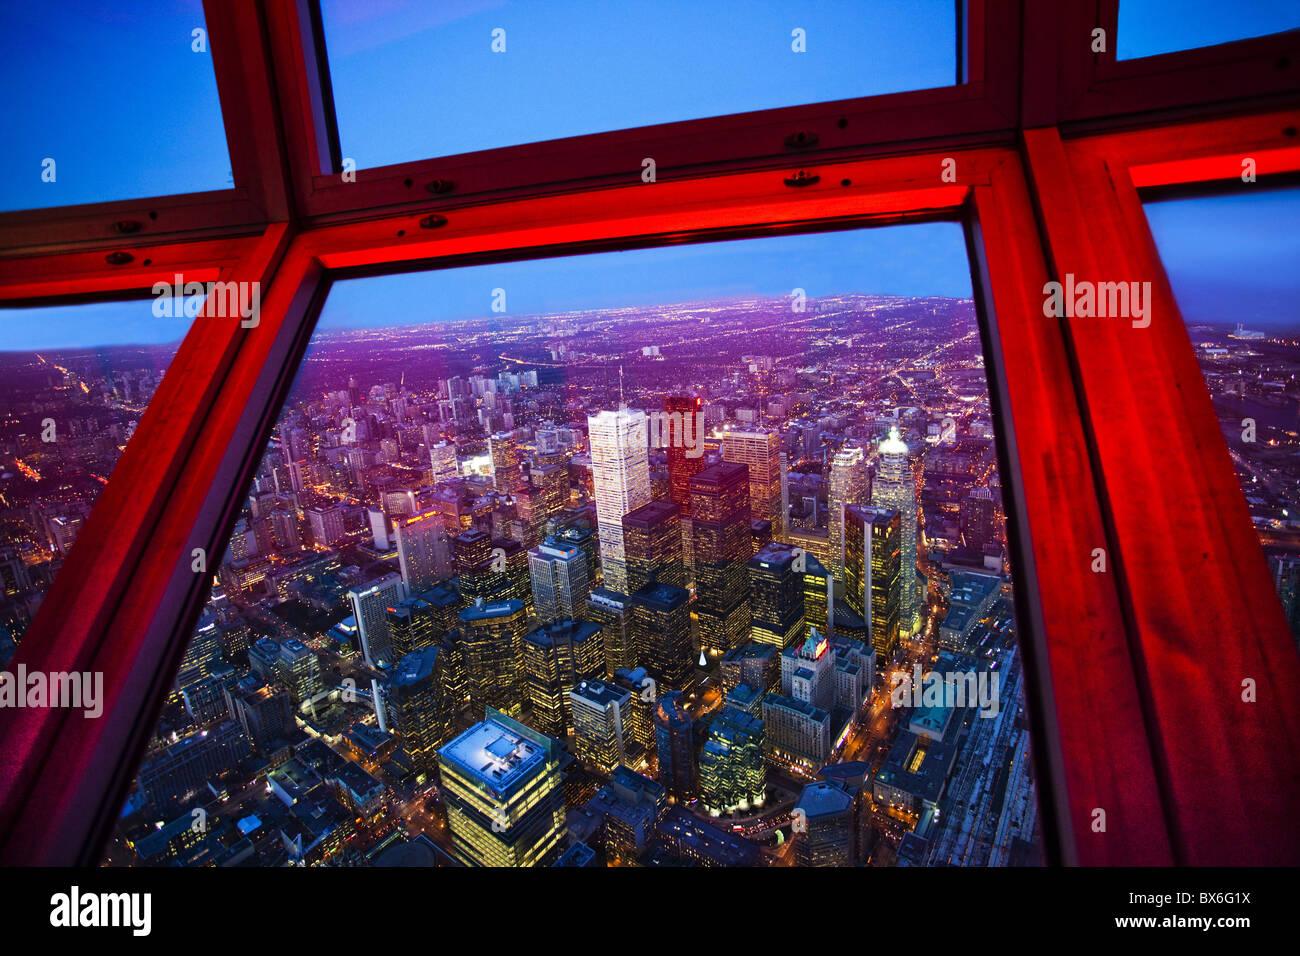 Vue sur le centre-ville de Toronto Skyline prises de la Tour CN, Toronto, Ontario, Canada, Amérique du Nord Photo Stock